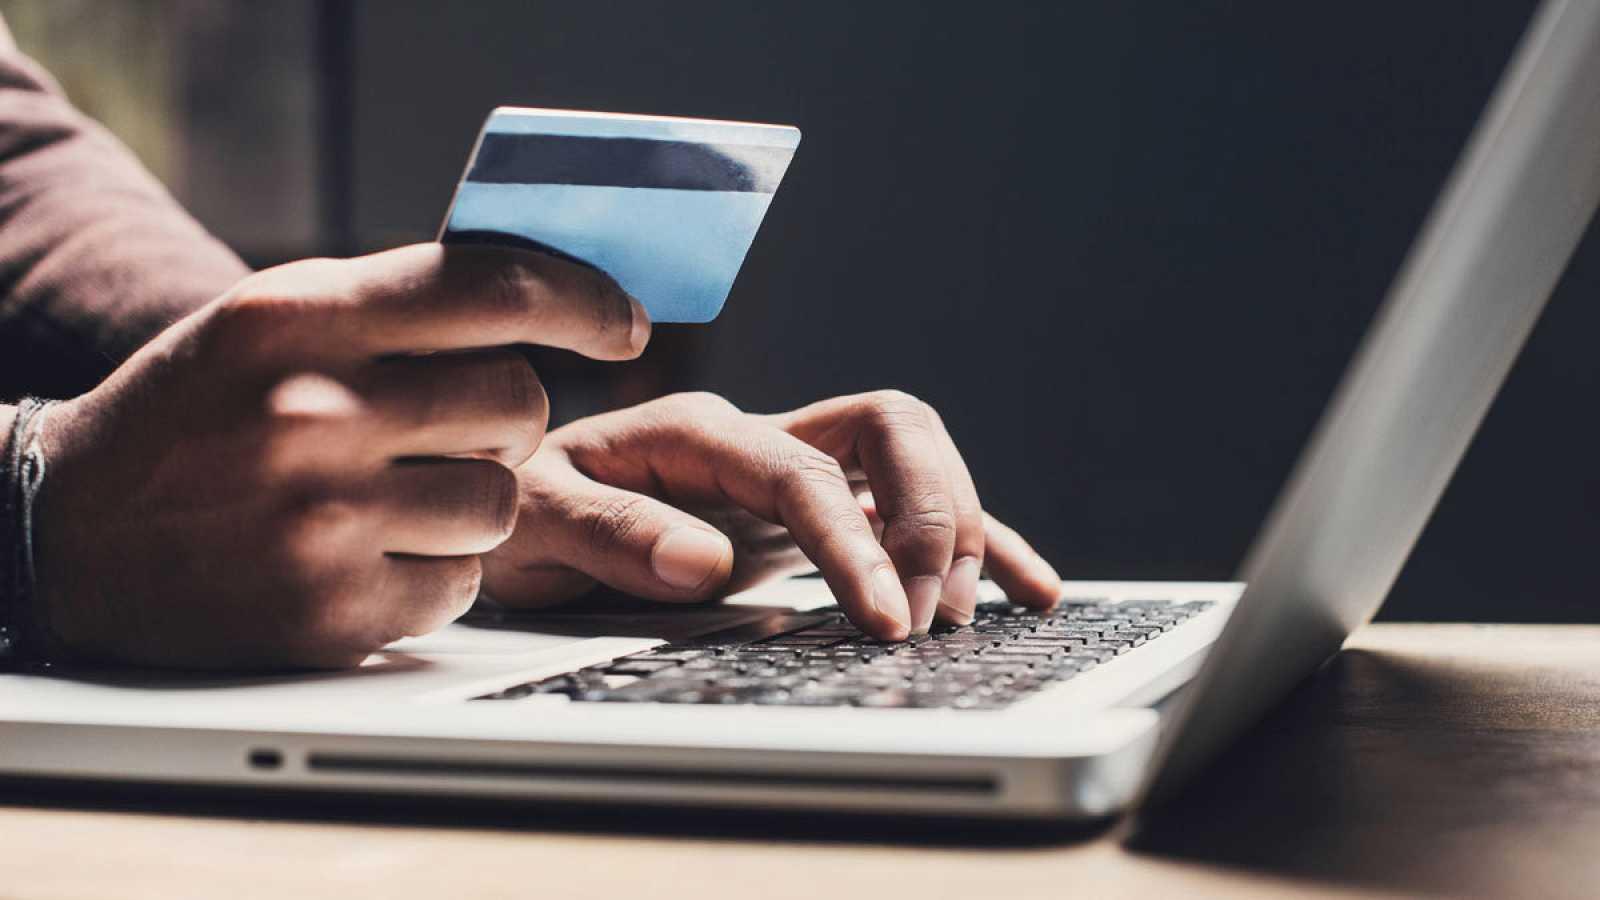 Las cinco acciones contidianas que ponen en riesgo la seguridad de los datos